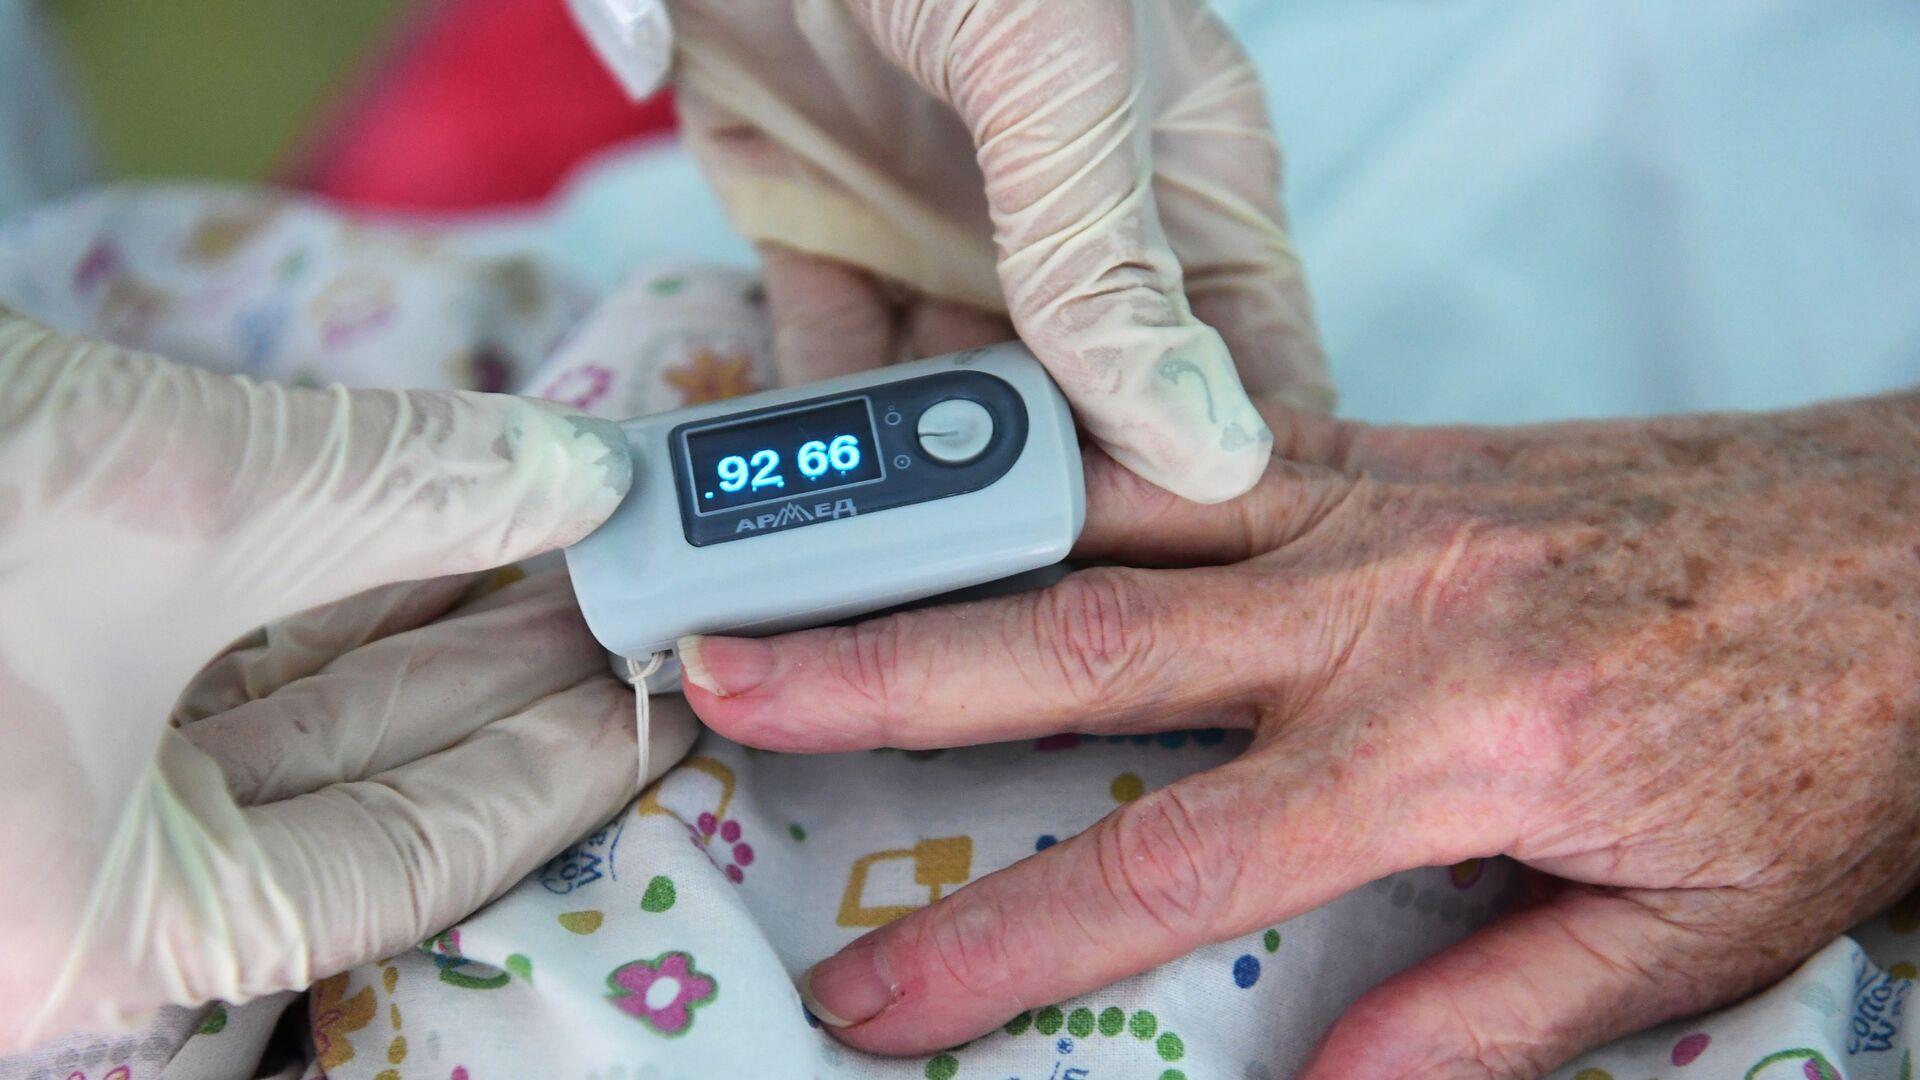 Врач работает с пациентом в палате госпиталя для больных коронавирусной инфекцией - Sputnik Беларусь, 1920, 05.10.2021